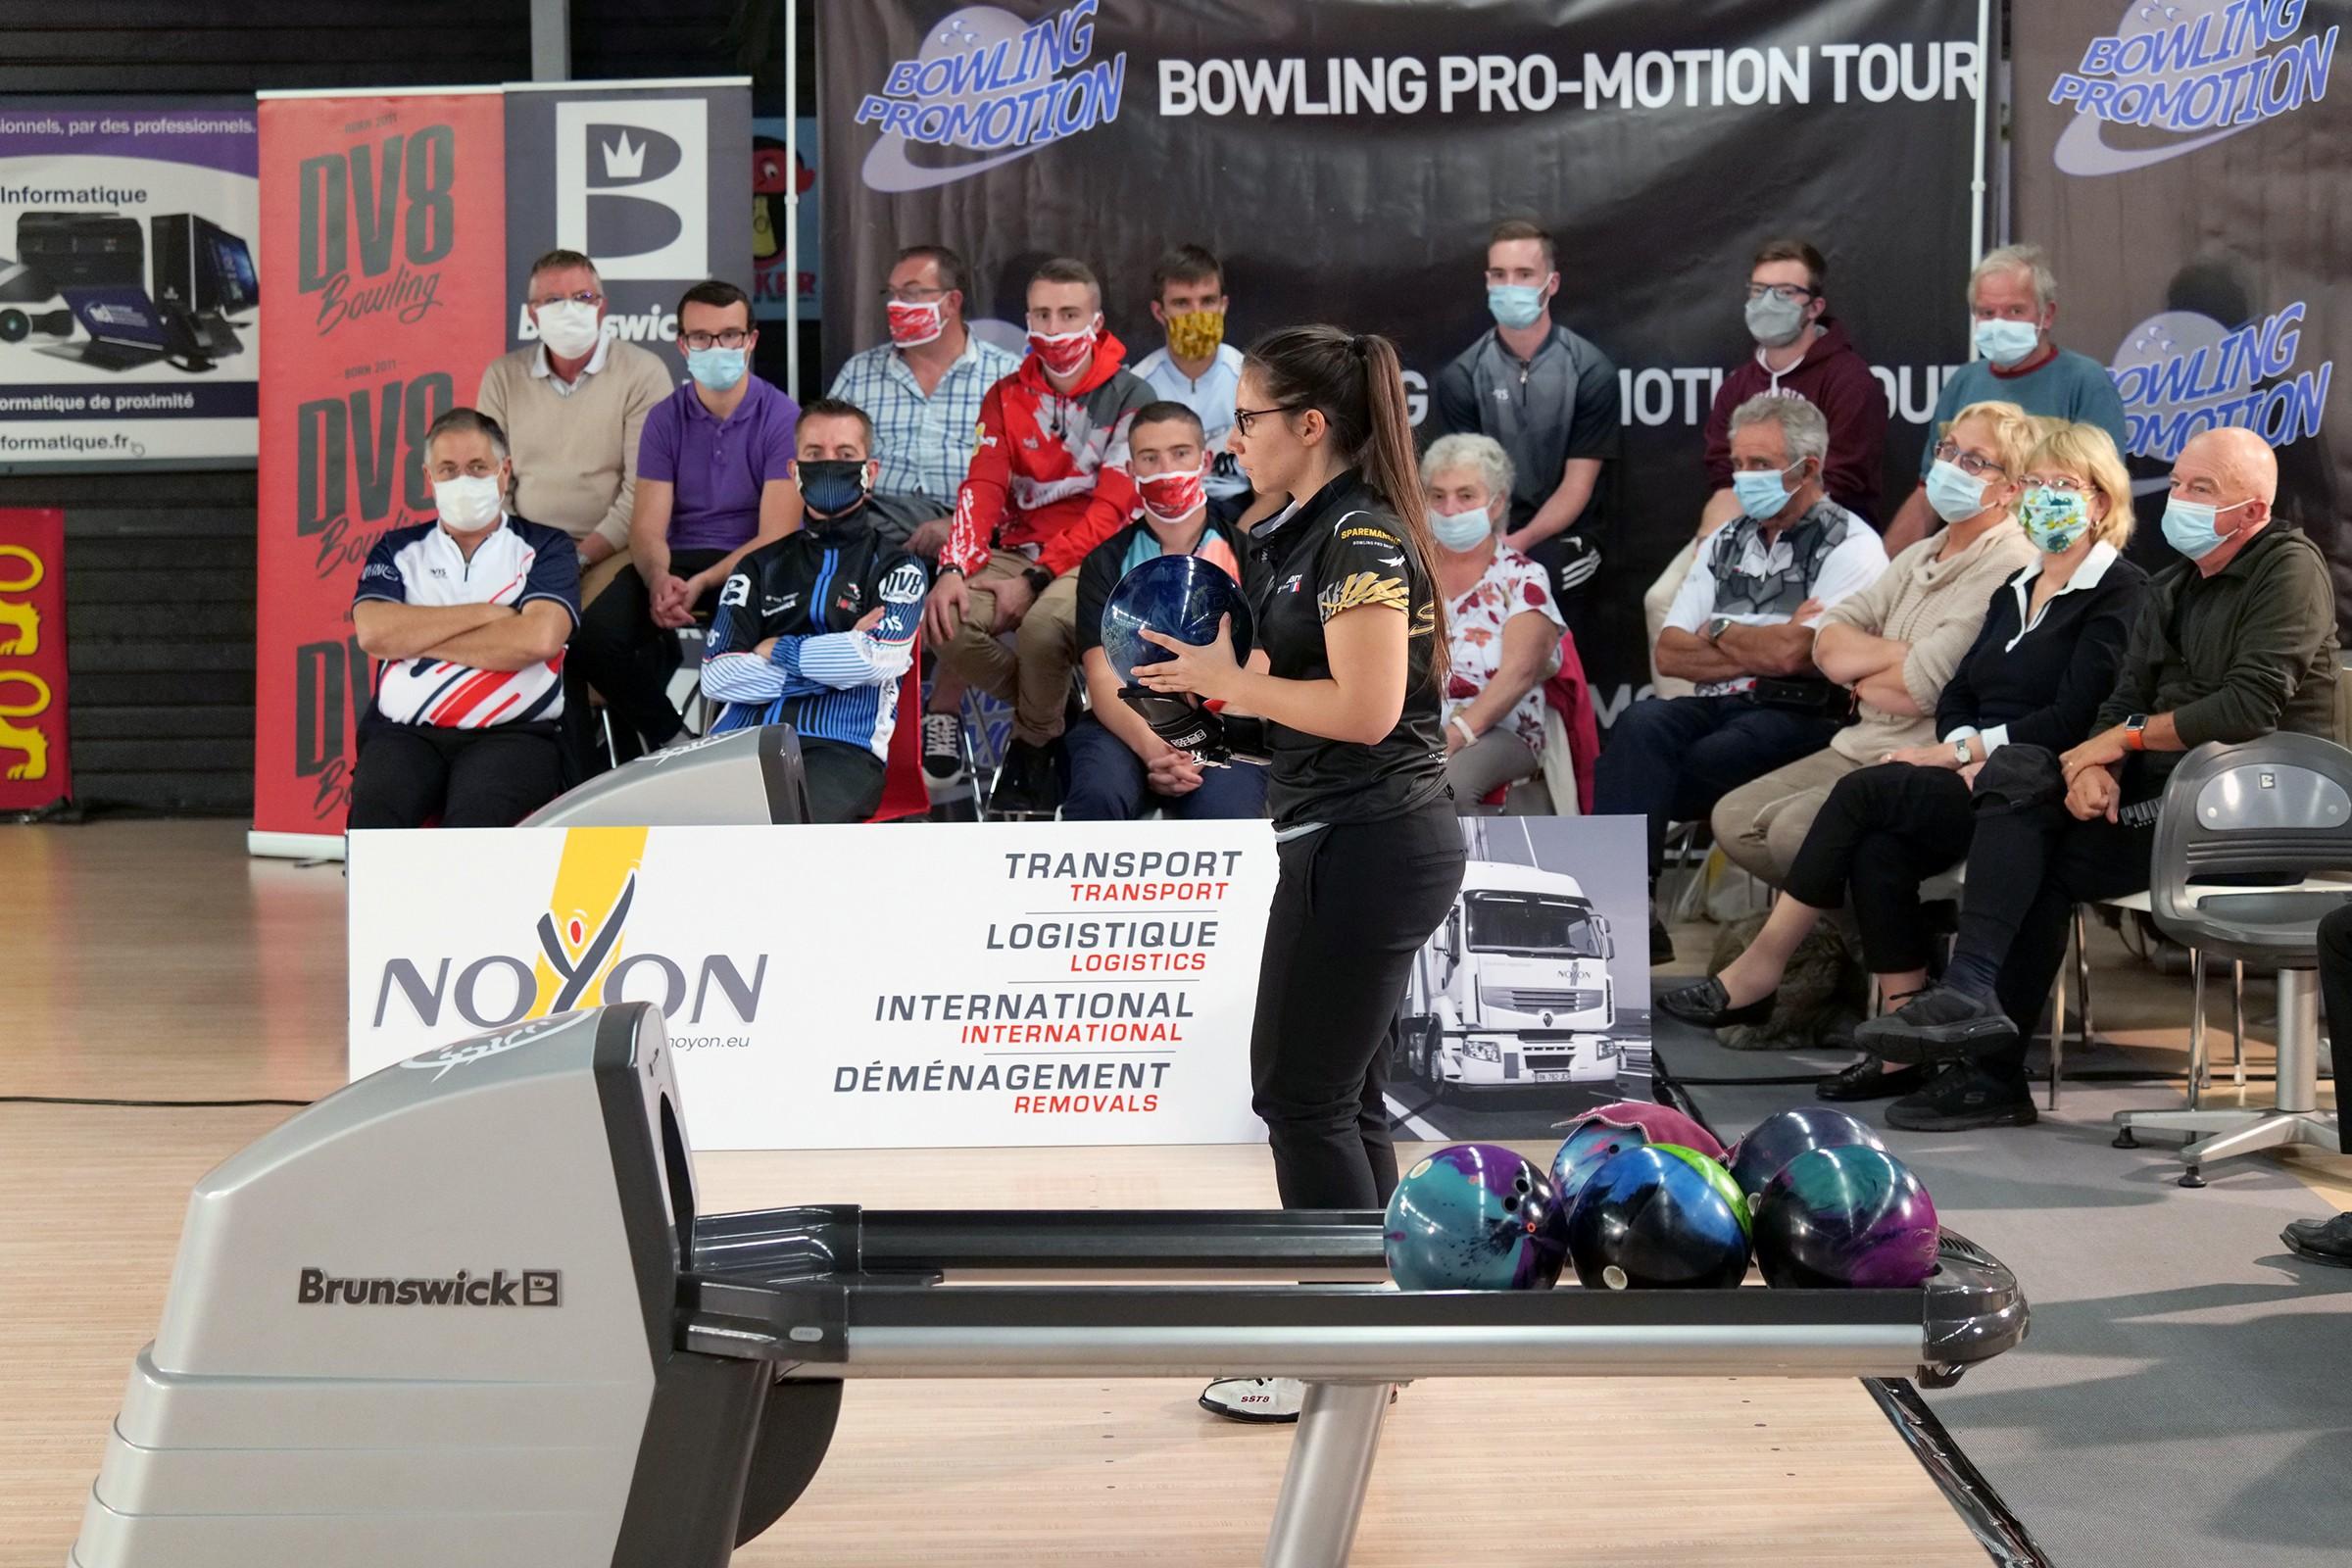 Bowling promotion tour 2020 saint lo photos ruel alain 032